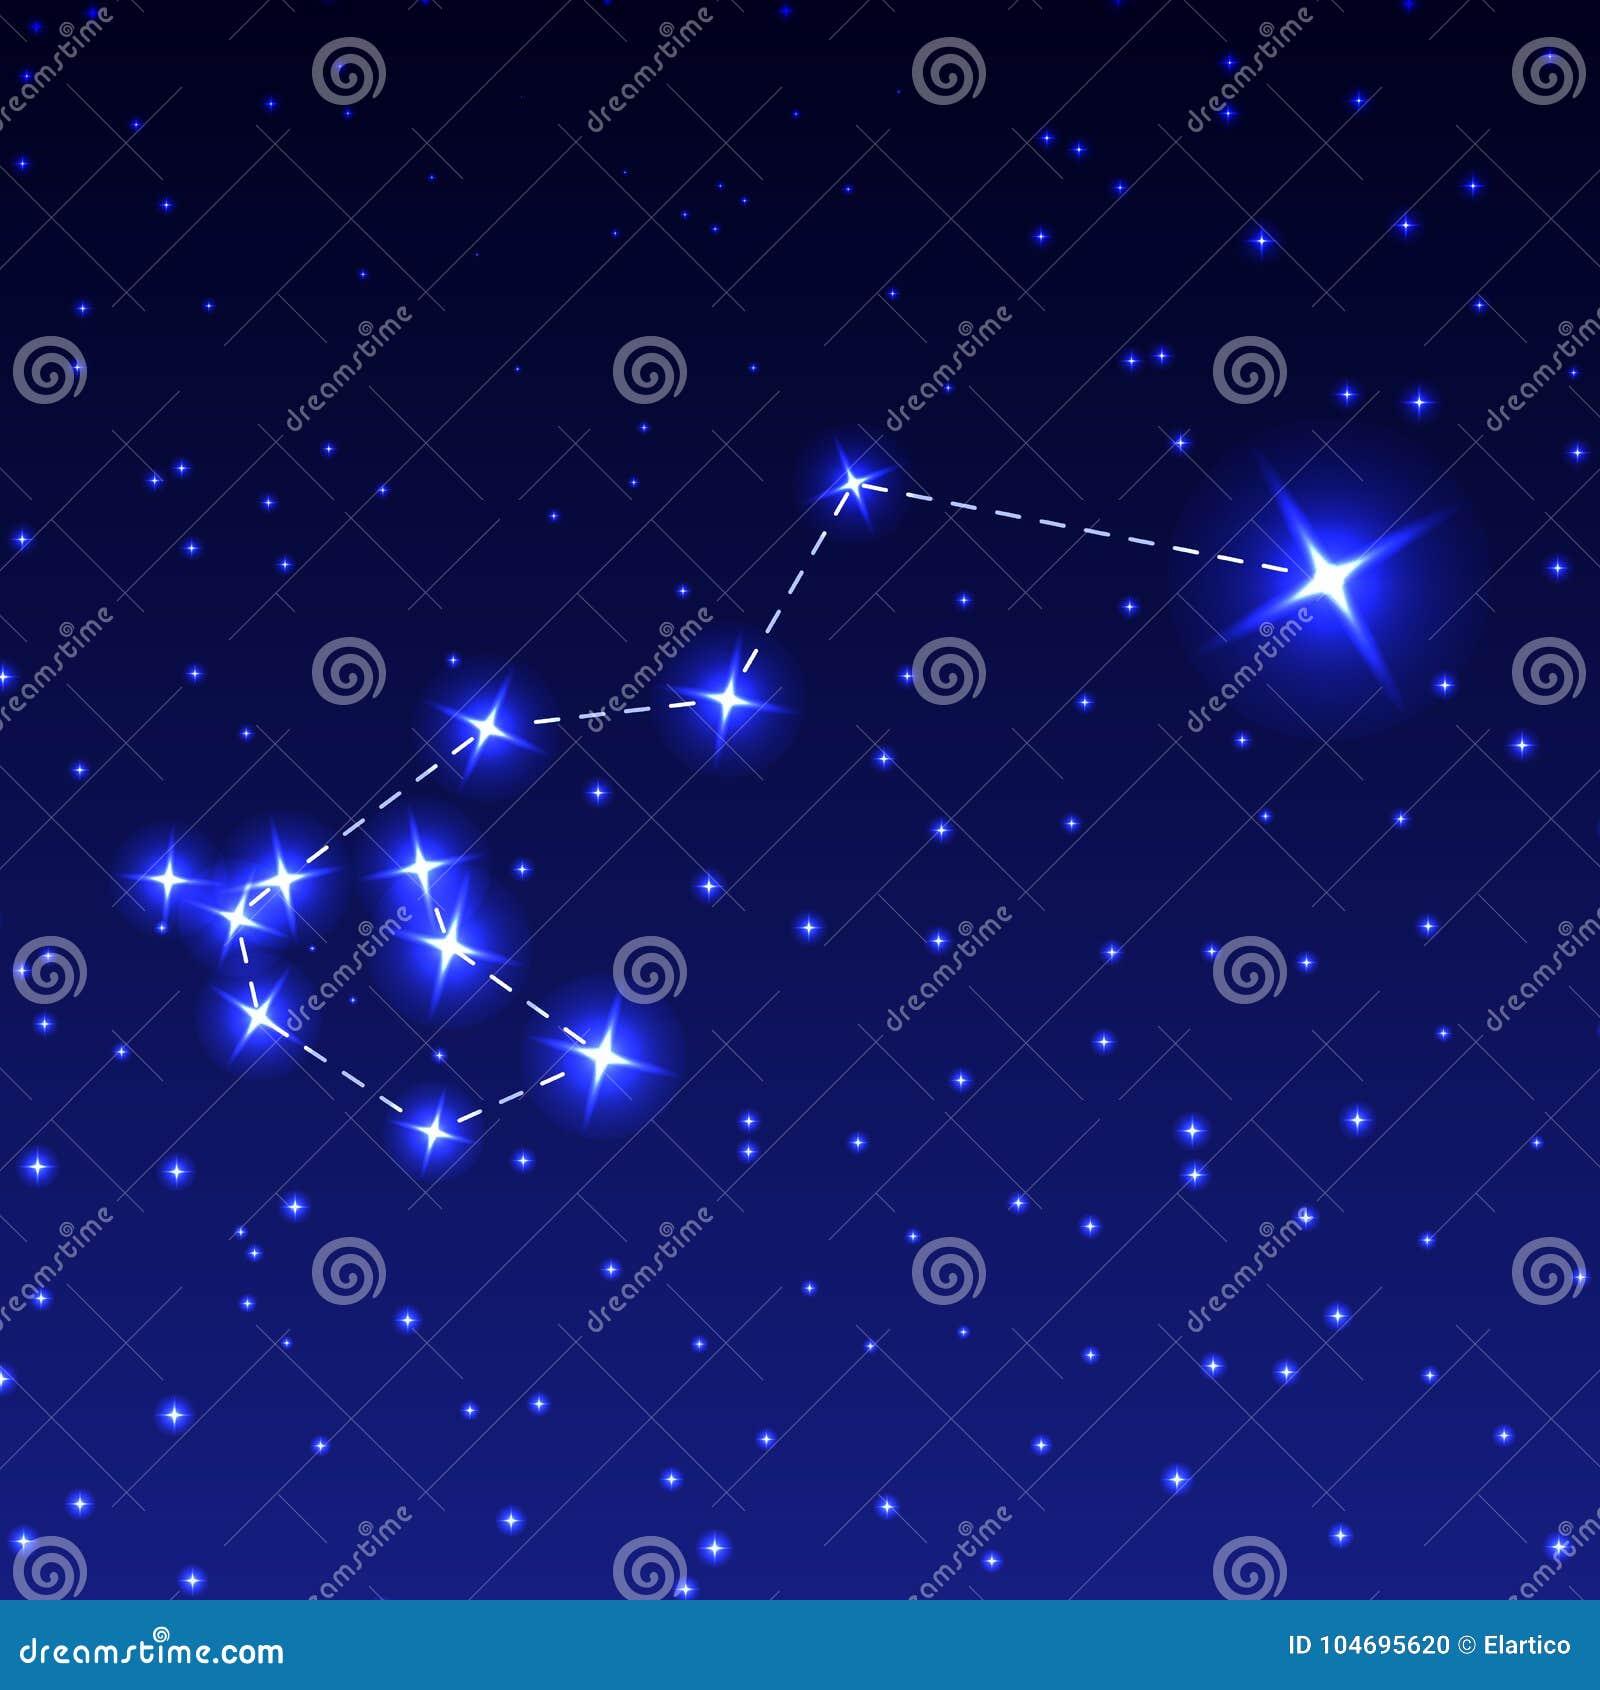 Blue Dream Cielo Stellato Costo.La Costellazione Di Carena Nel Cielo Stellato Di Notte Illustrazione